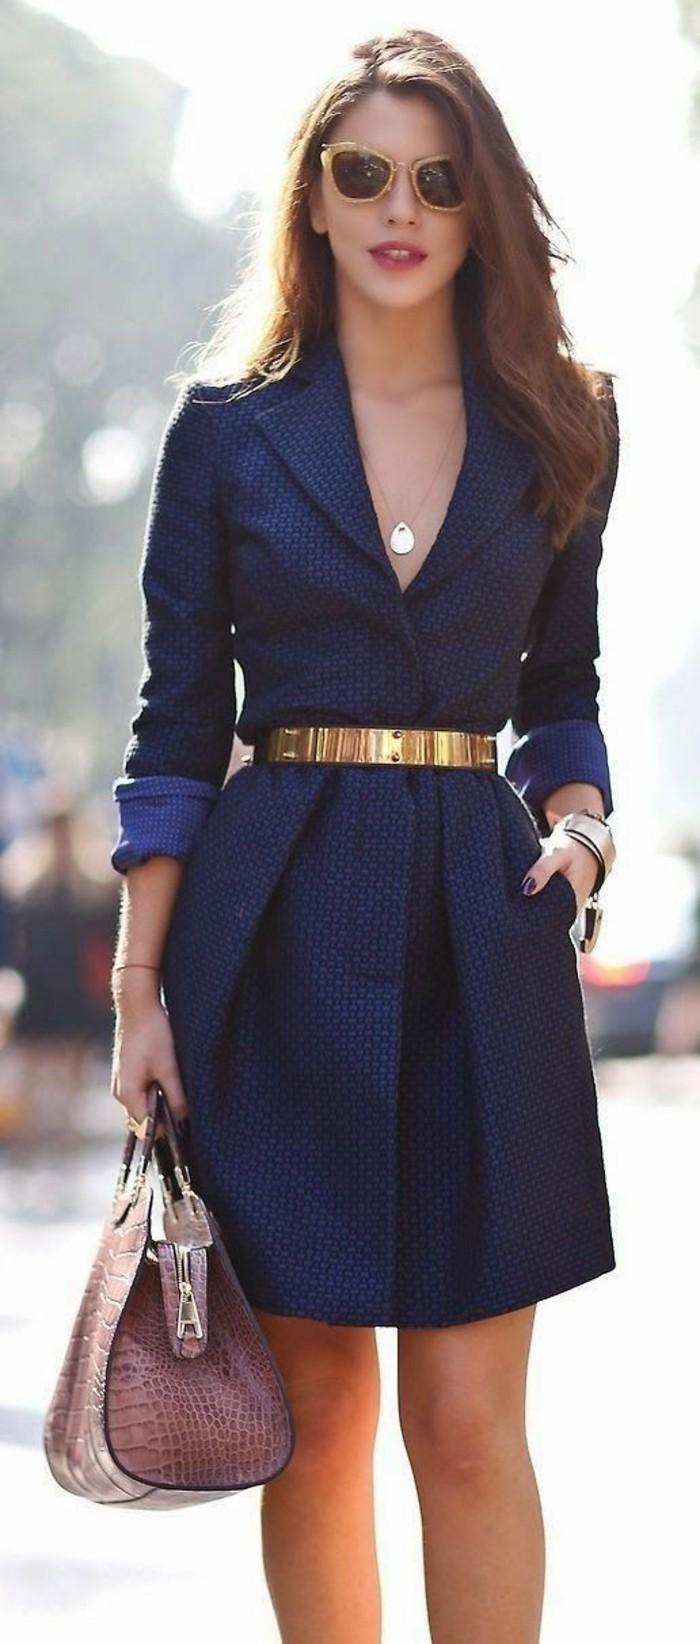 trench-femme-en-bleu-royal-avec-ceinture-dorée